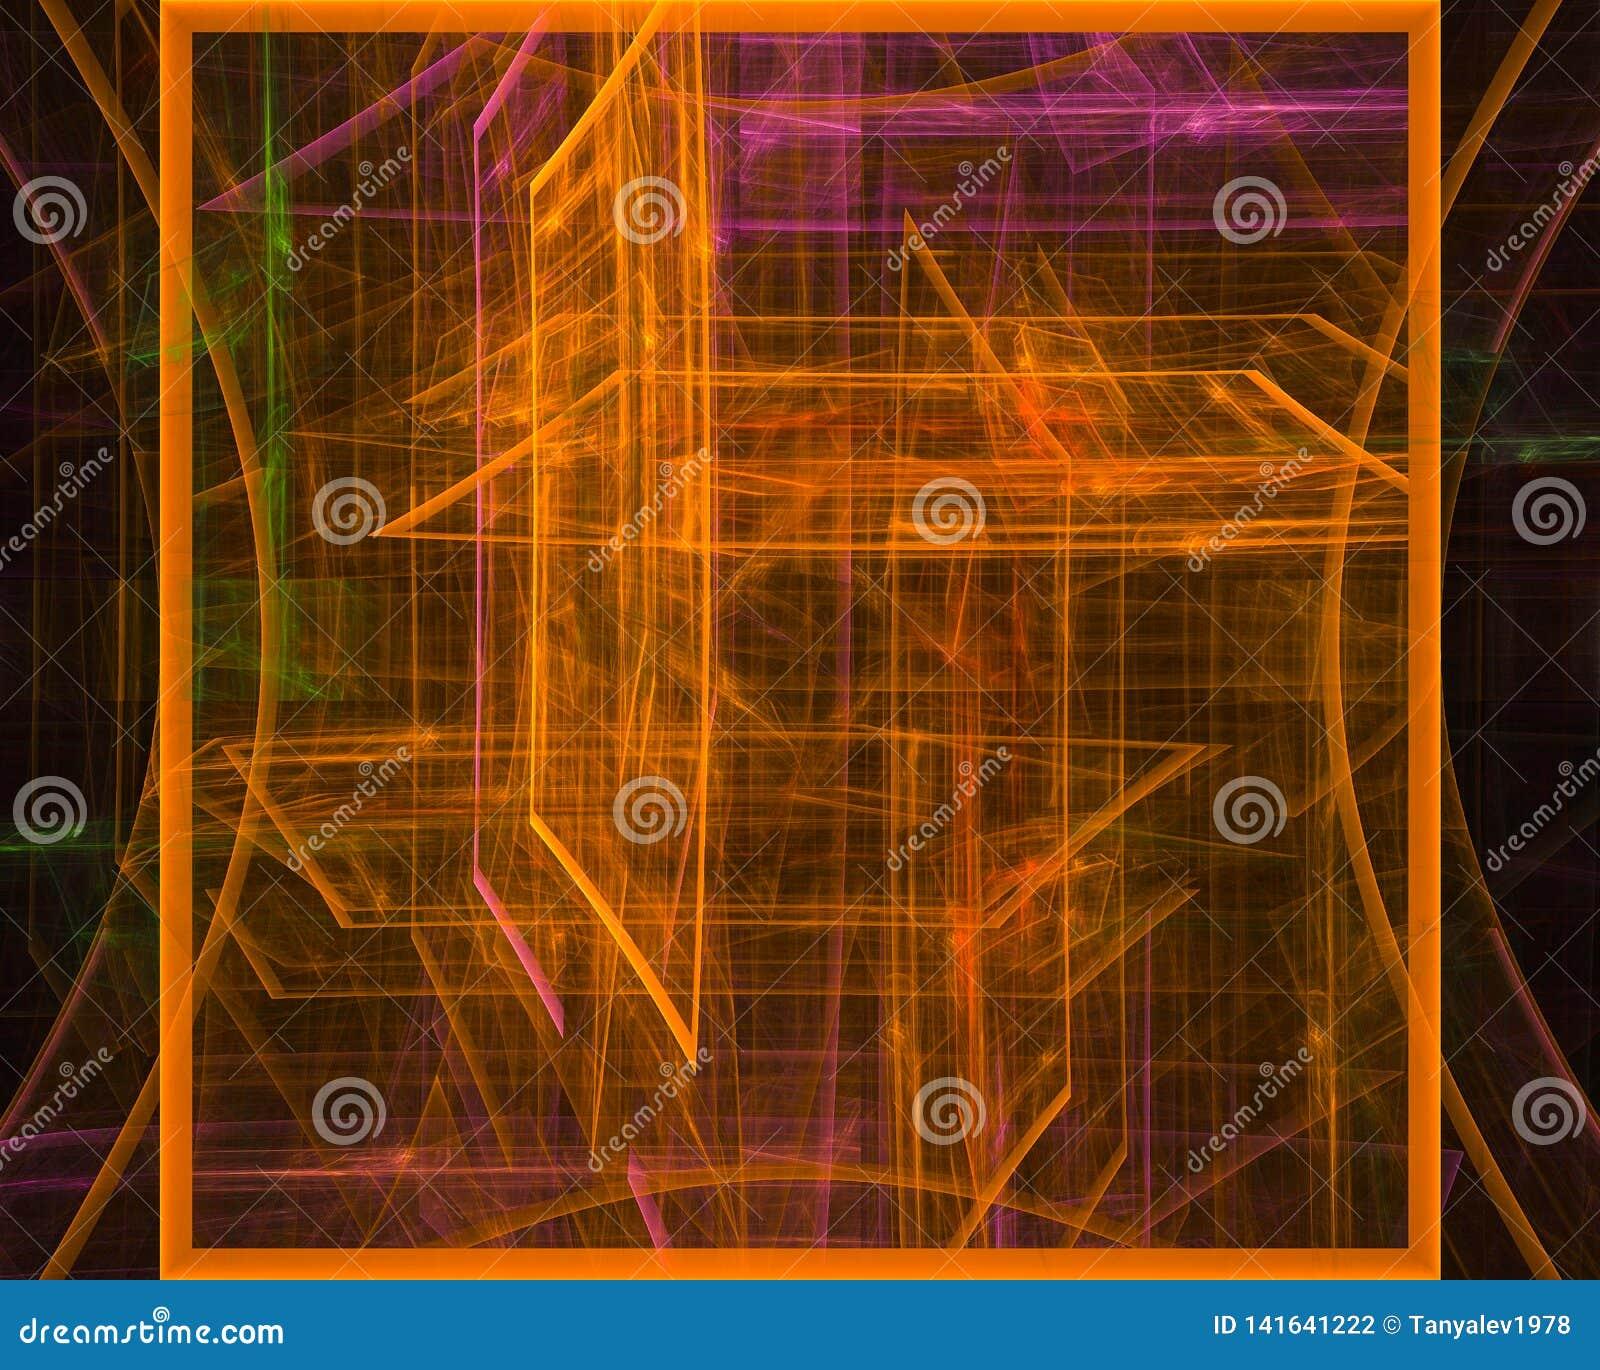 Фантазия фрактали скручиваемости абстрактной цифровой карты орнамента волшебная творческая, художественный, элегантность, динамик